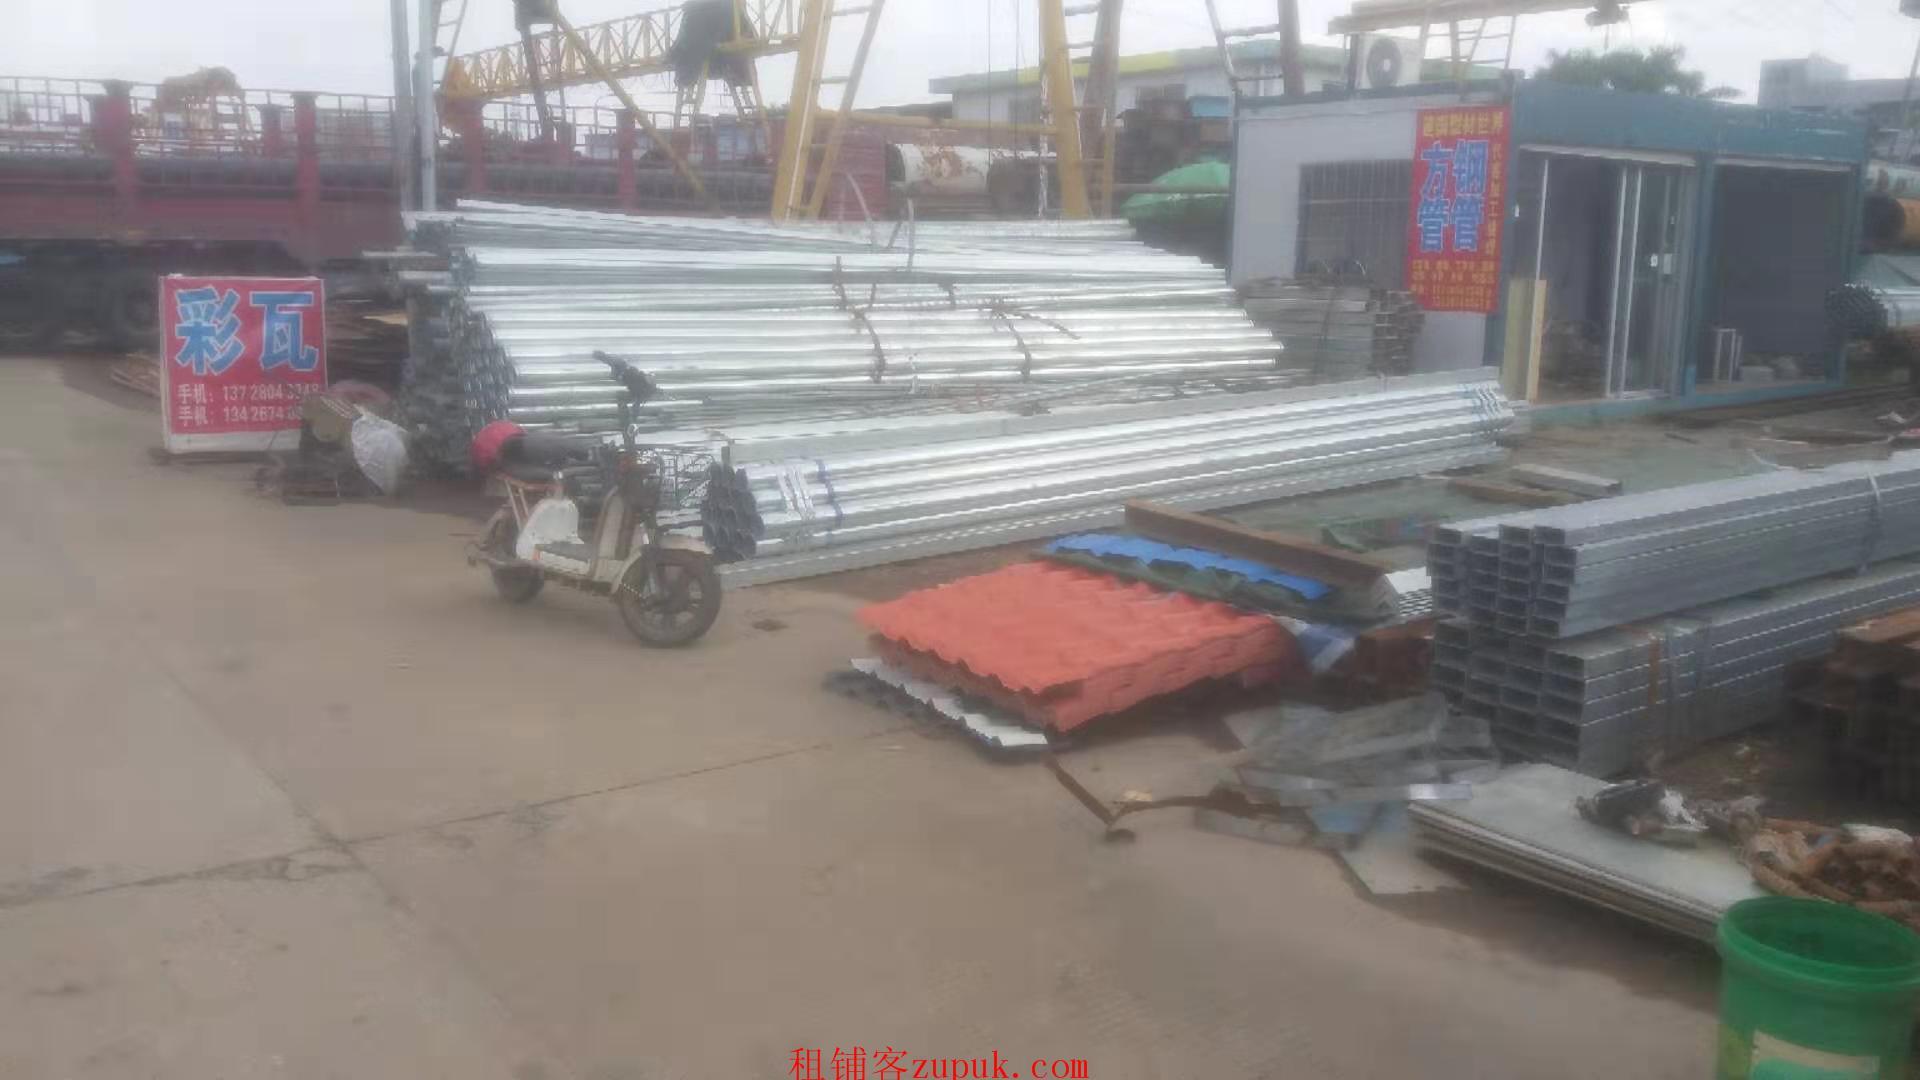 粤港澳大湾区第二工业区大型二手钢材市场旺铺招租